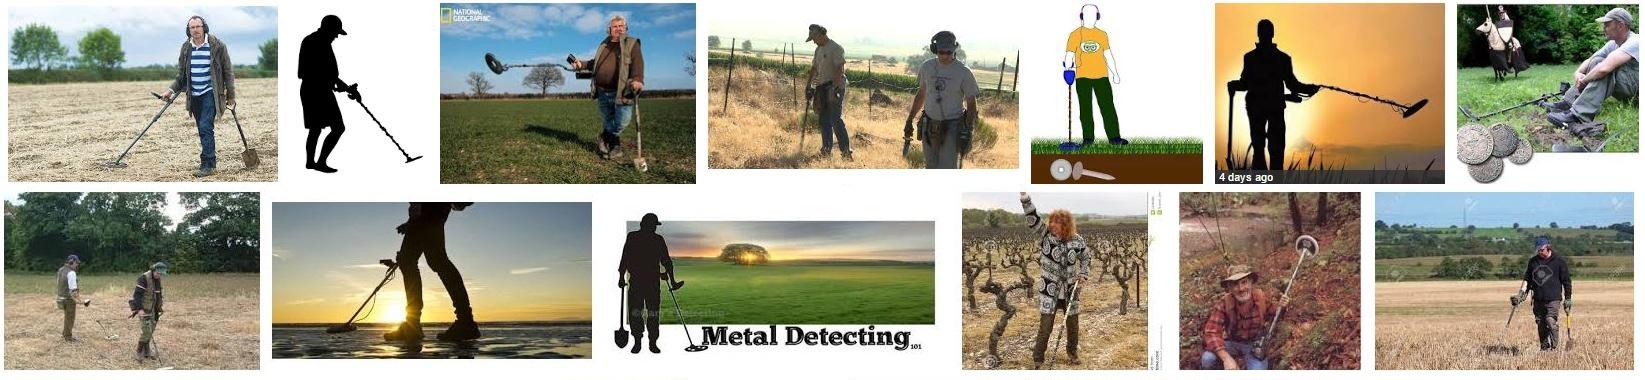 Discover Metals